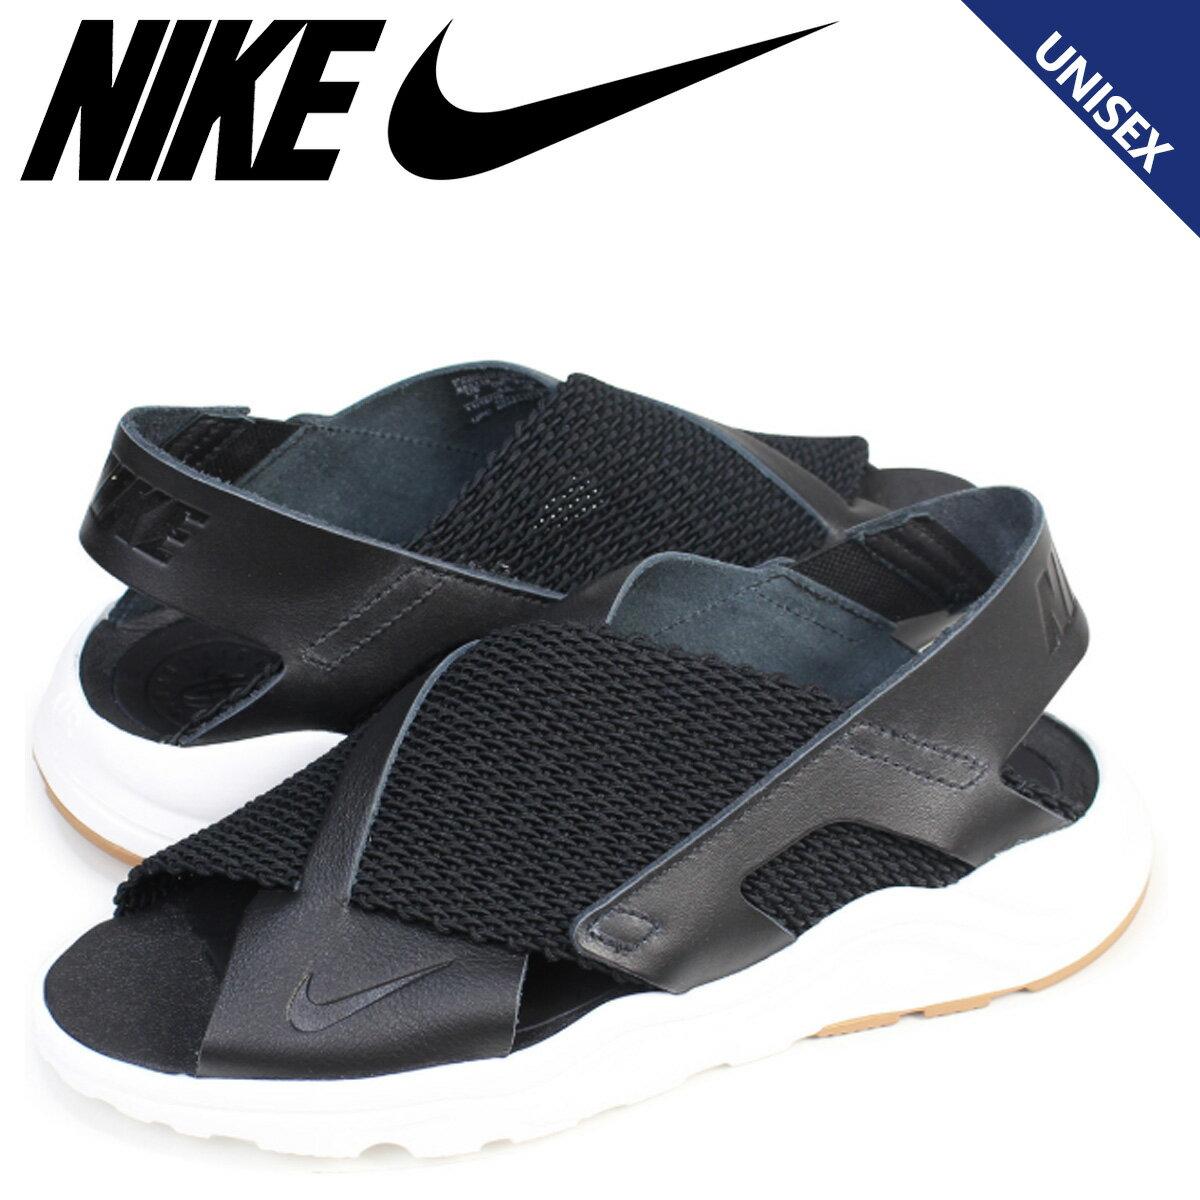 ナイキ NIKE エア ハラチ ウルトラ レディース メンズ サンダル W AIR HUARACHE ULTRA 885118-001 靴 ブラック